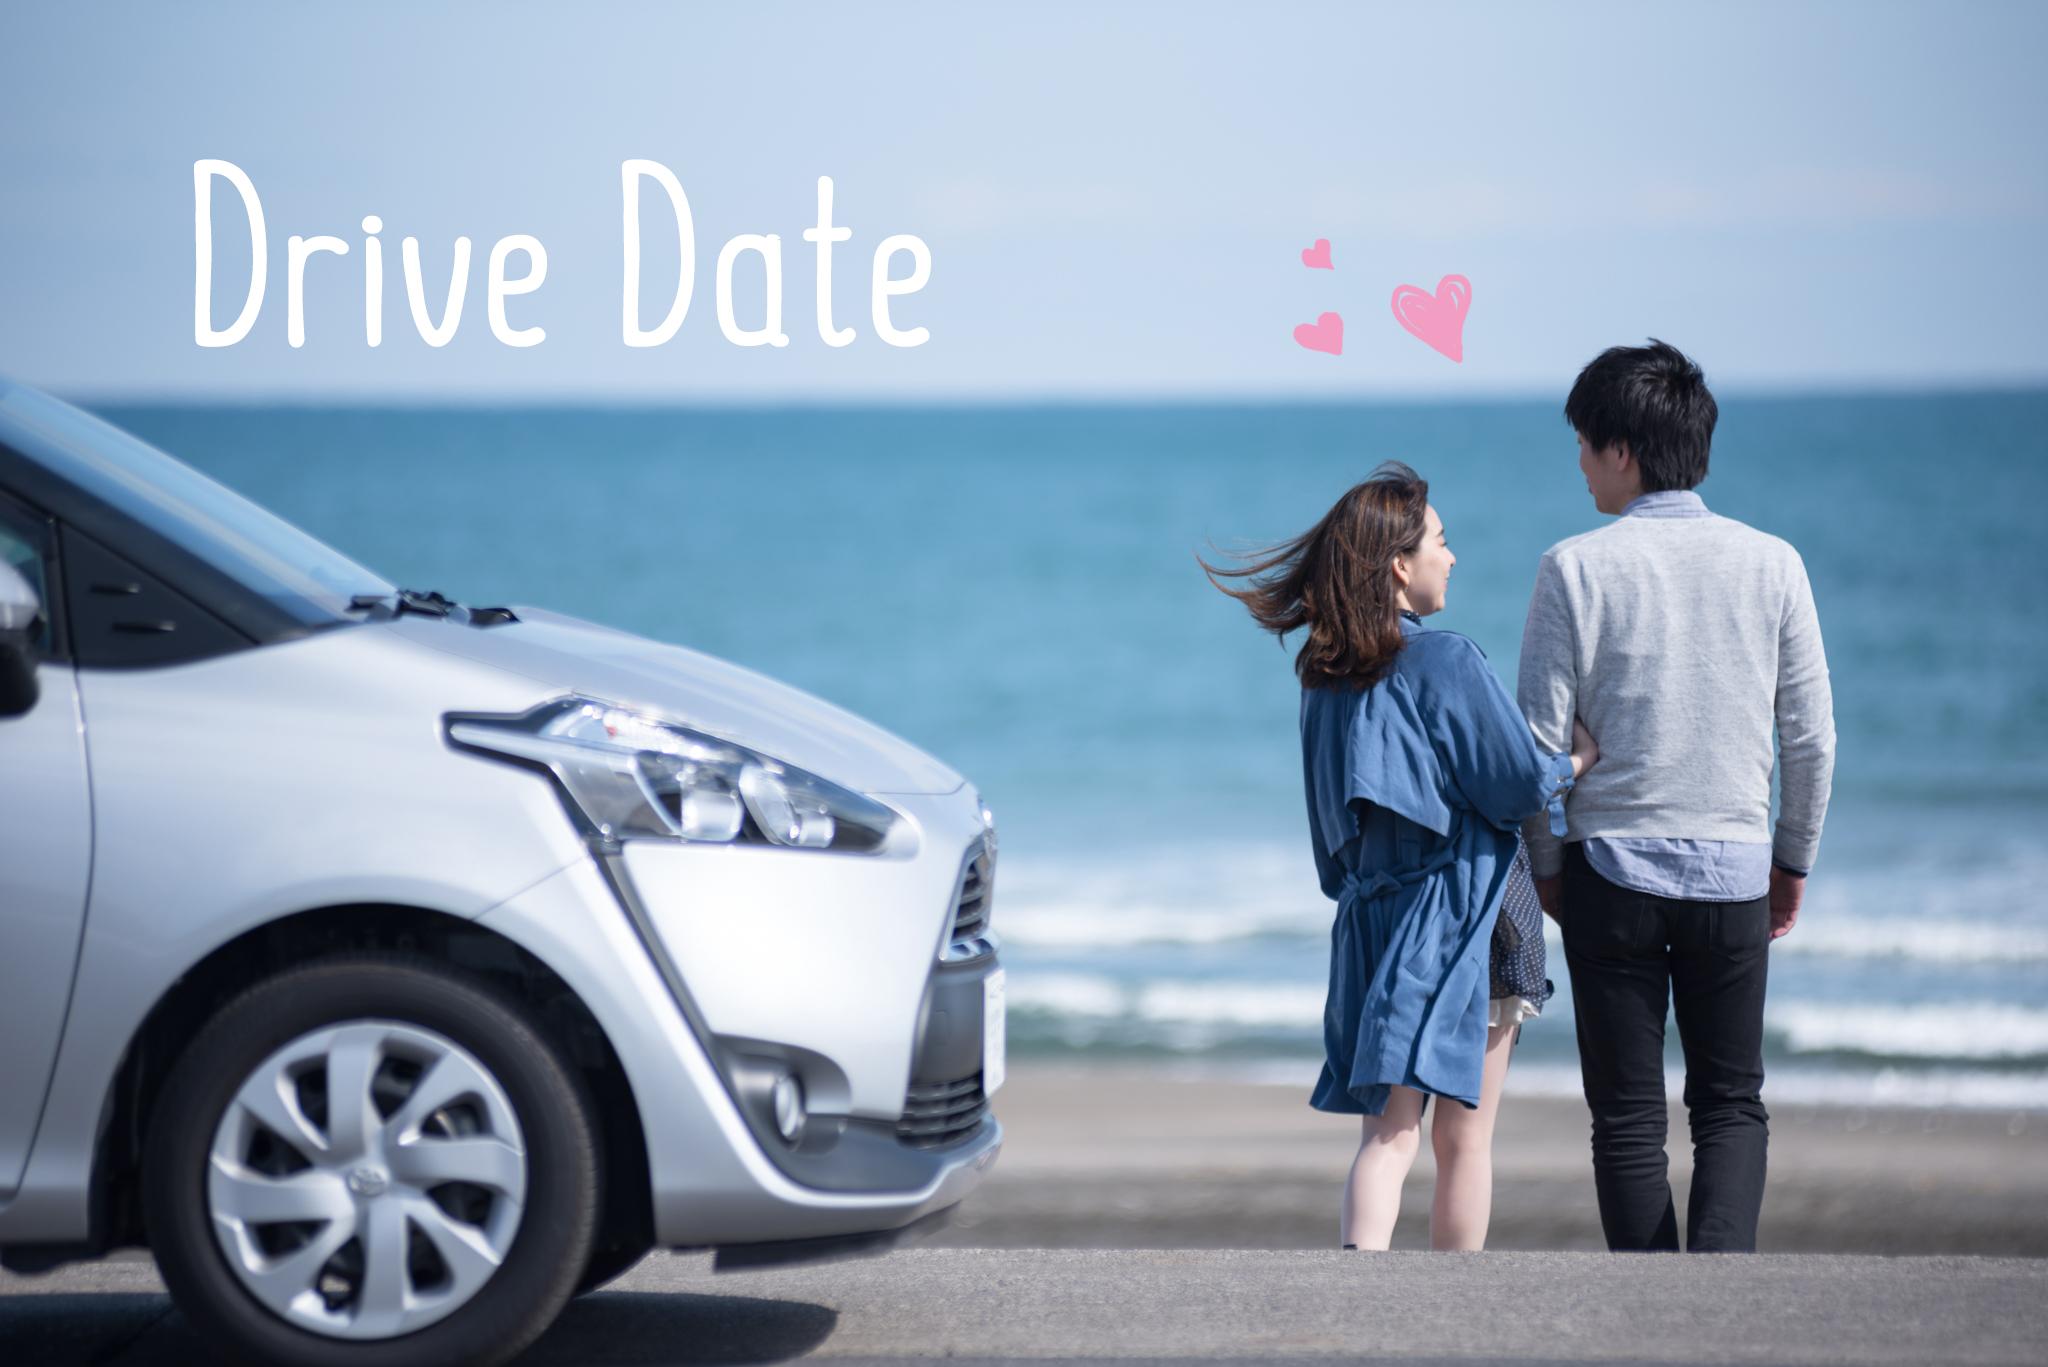 東京から約1時間、海と星と桜を楽しむ春のお泊りドライブデート